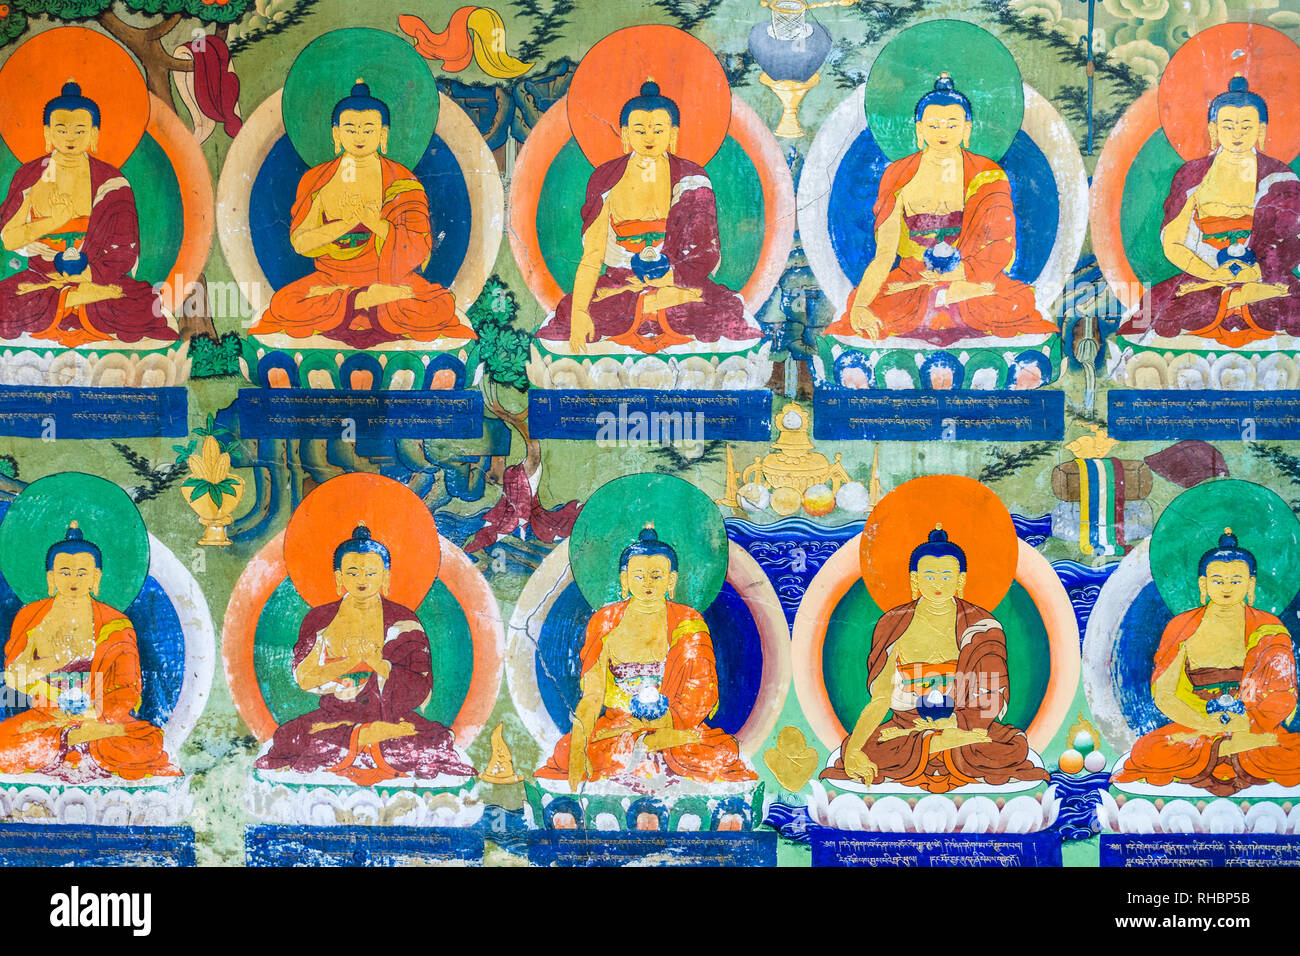 Dipinti del Buddha in Tashi Lhunpo monastero, Shigatse, nel Tibet Immagini Stock